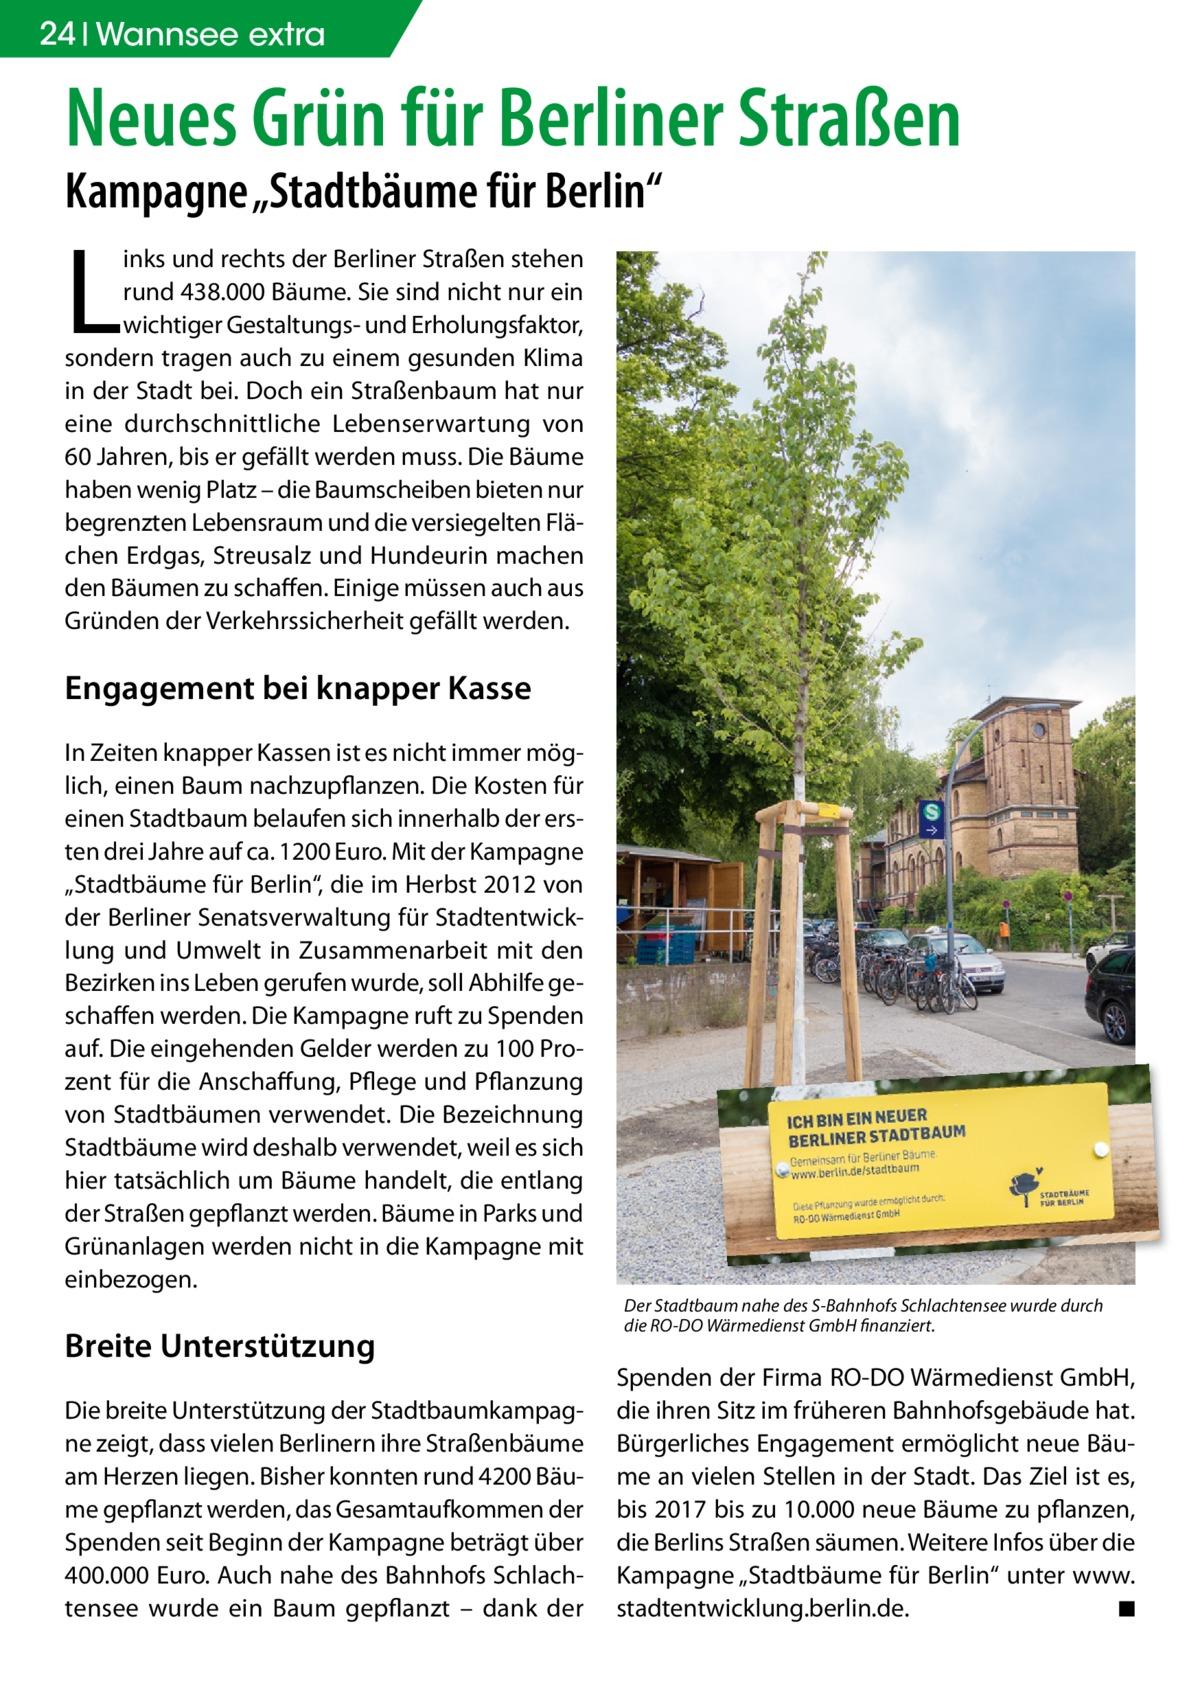 """24 Wannsee extra  Neues Grün für Berliner Straßen Kampagne """"Stadtbäume für Berlin""""  L  inks und rechts der Berliner Straßen stehen rund 438.000 Bäume. Sie sind nicht nur ein wichtiger Gestaltungs- und Erholungsfaktor, sondern tragen auch zu einem gesunden Klima in der Stadt bei. Doch ein Straßenbaum hat nur eine durchschnittliche Lebenserwartung von 60Jahren, bis er gefällt werden muss. Die Bäume haben wenig Platz – die Baumscheiben bieten nur begrenzten Lebensraum und die versiegelten Flächen Erdgas, Streusalz und Hundeurin machen den Bäumen zu schaffen. Einige müssen auch aus Gründen der Verkehrssicherheit gefällt werden.  Engagement bei knapper Kasse In Zeiten knapper Kassen ist es nicht immer möglich, einen Baum nachzupflanzen. Die Kosten für einen Stadtbaum belaufen sich innerhalb der ersten drei Jahre auf ca. 1200Euro. Mit der Kampagne """"Stadtbäume für Berlin"""", die im Herbst 2012 von der Berliner Senatsverwaltung für Stadtentwicklung und Umwelt in Zusammenarbeit mit den Bezirken ins Leben gerufen wurde, soll Abhilfe geschaffen werden. Die Kampagne ruft zu Spenden auf. Die eingehenden Gelder werden zu 100Prozent für die Anschaffung, Pflege und Pflanzung von Stadtbäumen verwendet. Die Bezeichnung Stadtbäume wird deshalb verwendet, weil es sich hier tatsächlich um Bäume handelt, die entlang der Straßen gepflanzt werden. Bäume in Parks und Grünanlagen werden nicht in die Kampagne mit einbezogen.  Breite Unterstützung Die breite Unterstützung der Stadtbaumkampagne zeigt, dass vielen Berlinern ihre Straßenbäume am Herzen liegen. Bisher konnten rund 4200 Bäume gepflanzt werden, das Gesamtaufkommen der Spenden seit Beginn der Kampagne beträgt über 400.000Euro. Auch nahe des Bahnhofs Schlachtensee wurde ein Baum gepflanzt – dank der  Der Stadtbaum nahe des S-Bahnhofs Schlachtensee wurde durch die RO-DO Wärmedienst GmbH finanziert.  Spenden der Firma RO-DO Wärmedienst GmbH, die ihren Sitz im früheren Bahnhofsgebäude hat. Bürgerliches Engagement ermöglicht neue Bäume an v"""